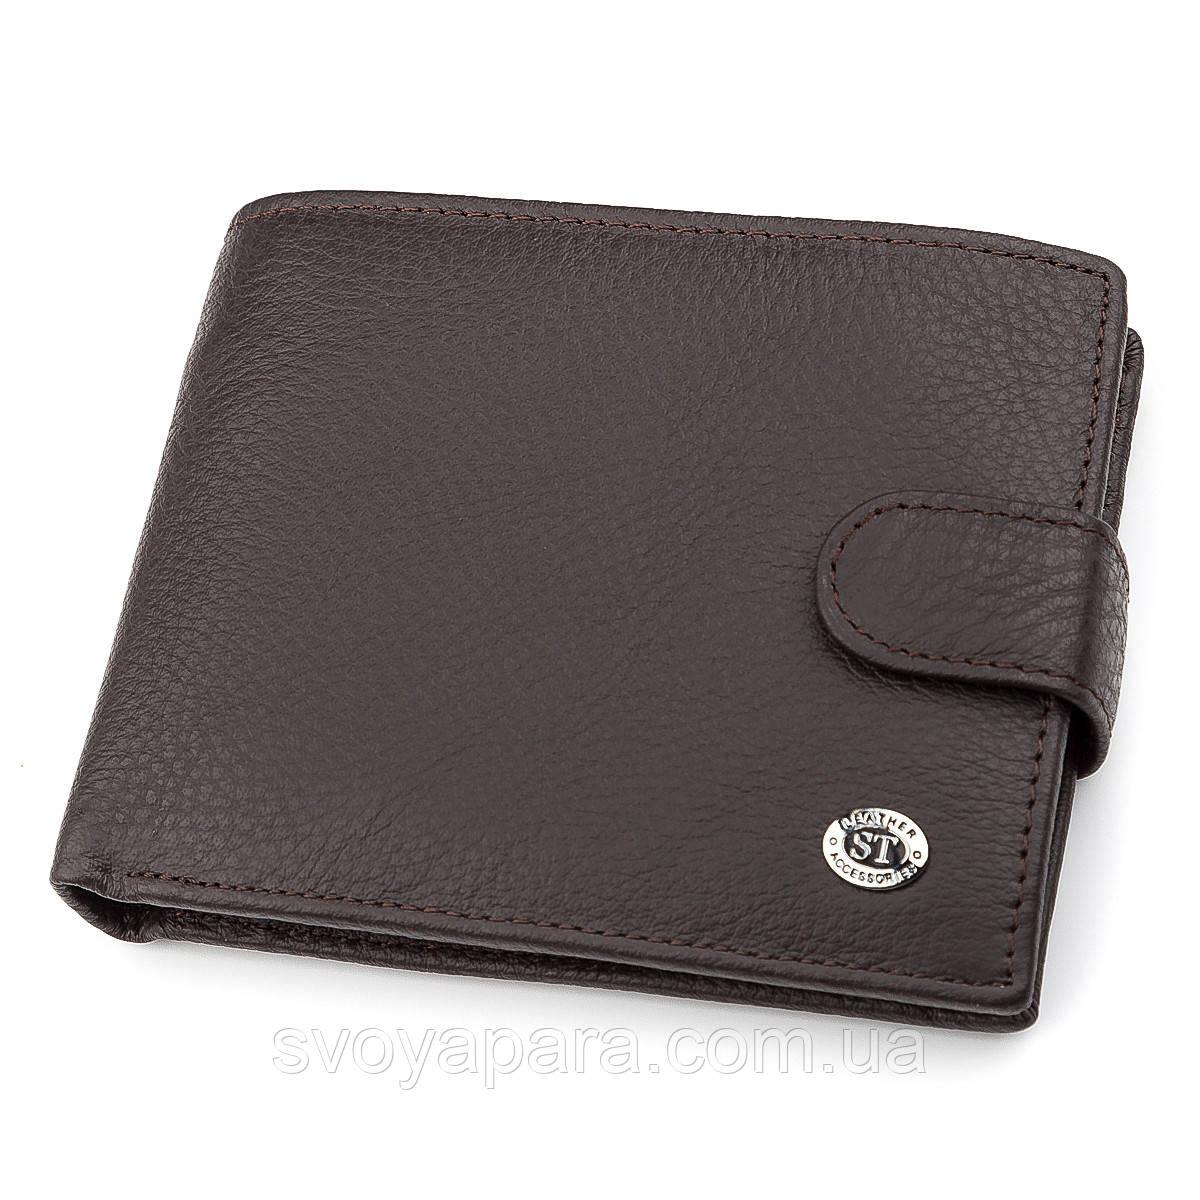 Мужской кошелек ST Leather 18330 (ST137) очень вместительный Коричневый